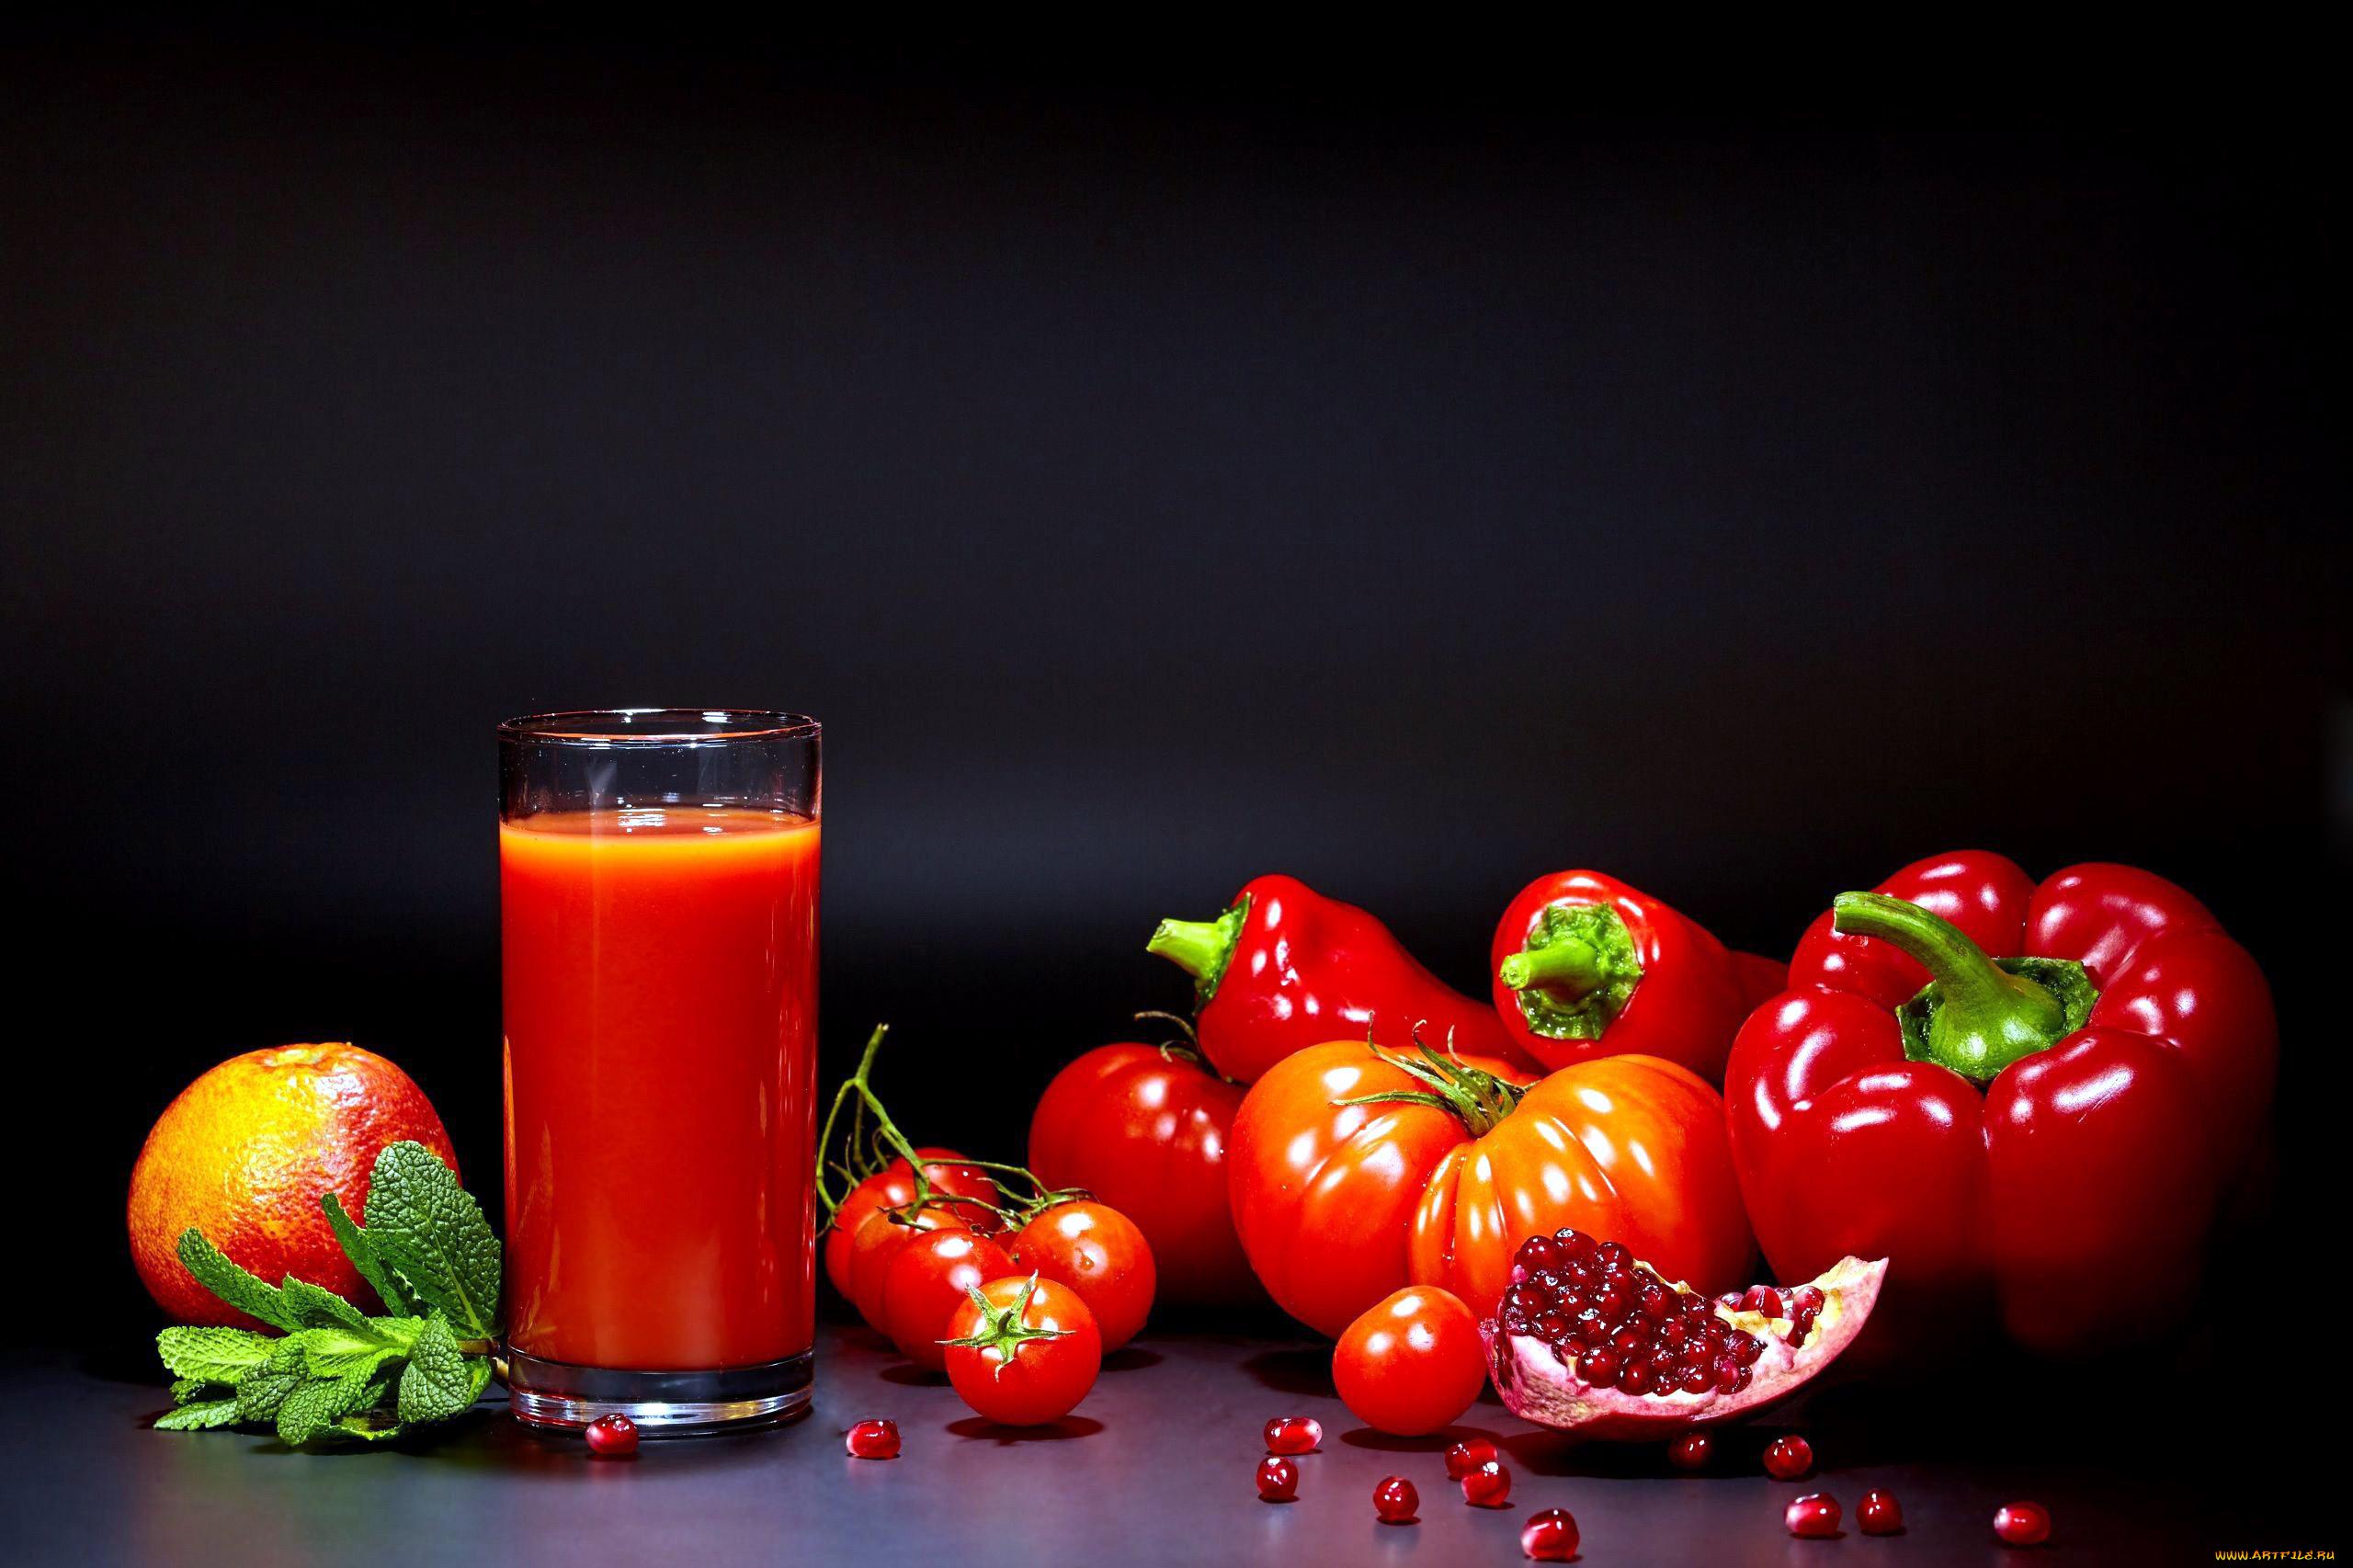 еда помидоры сок томатный ложка  № 2891533 без смс